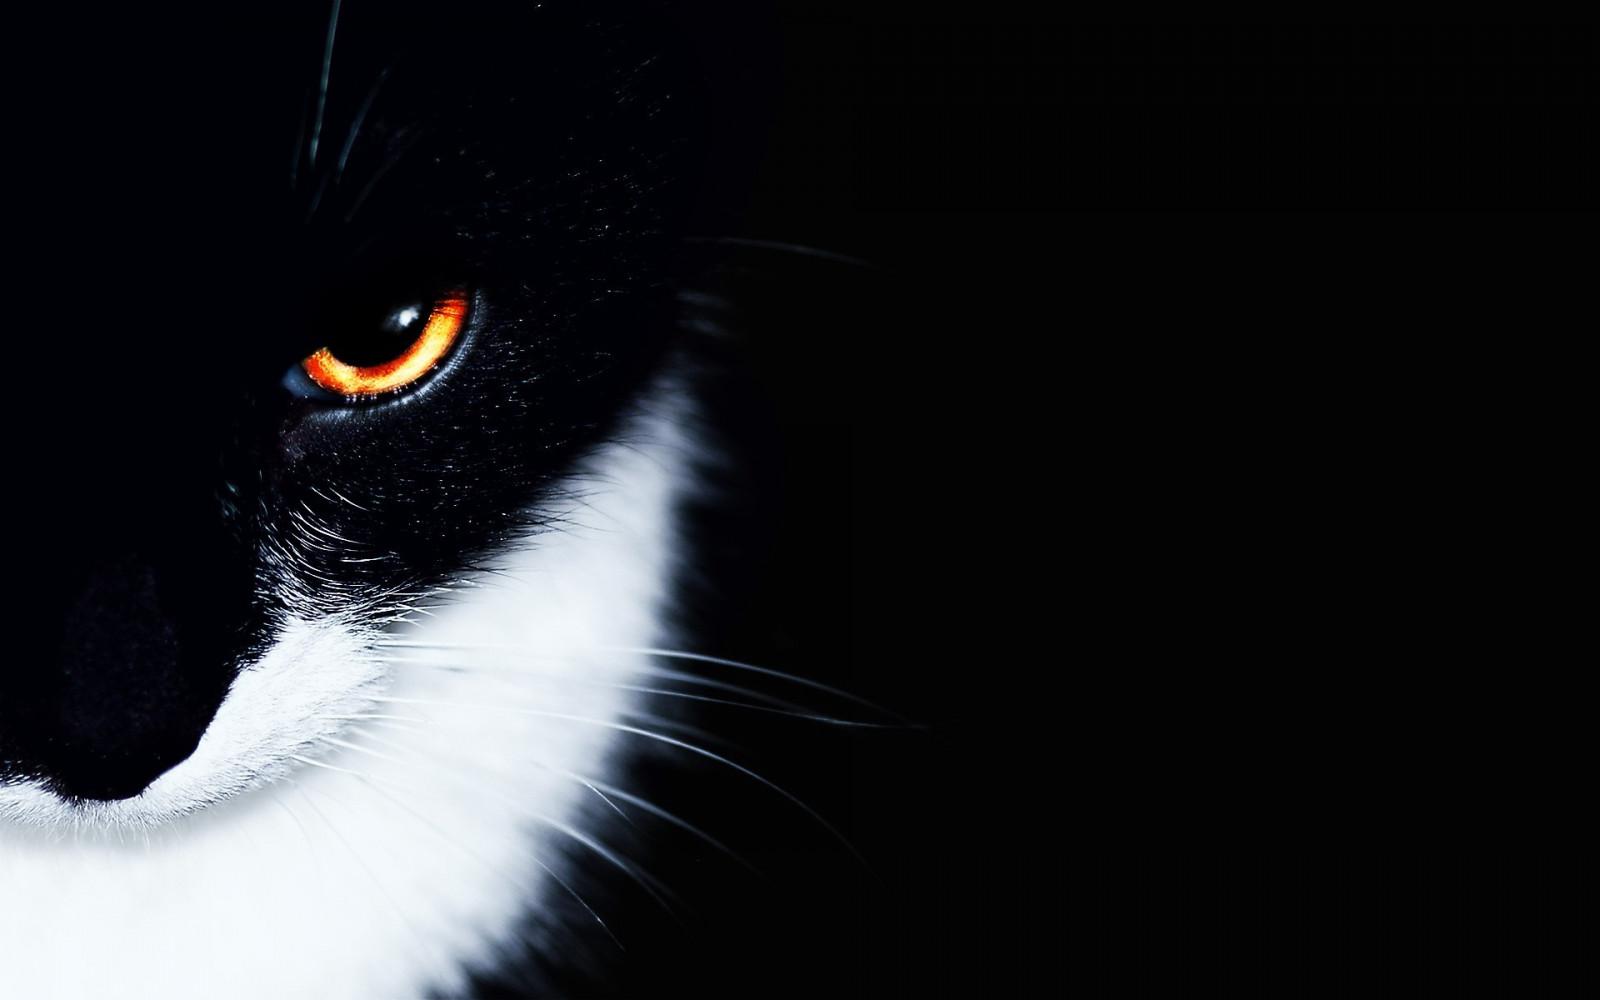 обои на рабочий стол глаза кошки на темном фоне № 238003 без смс